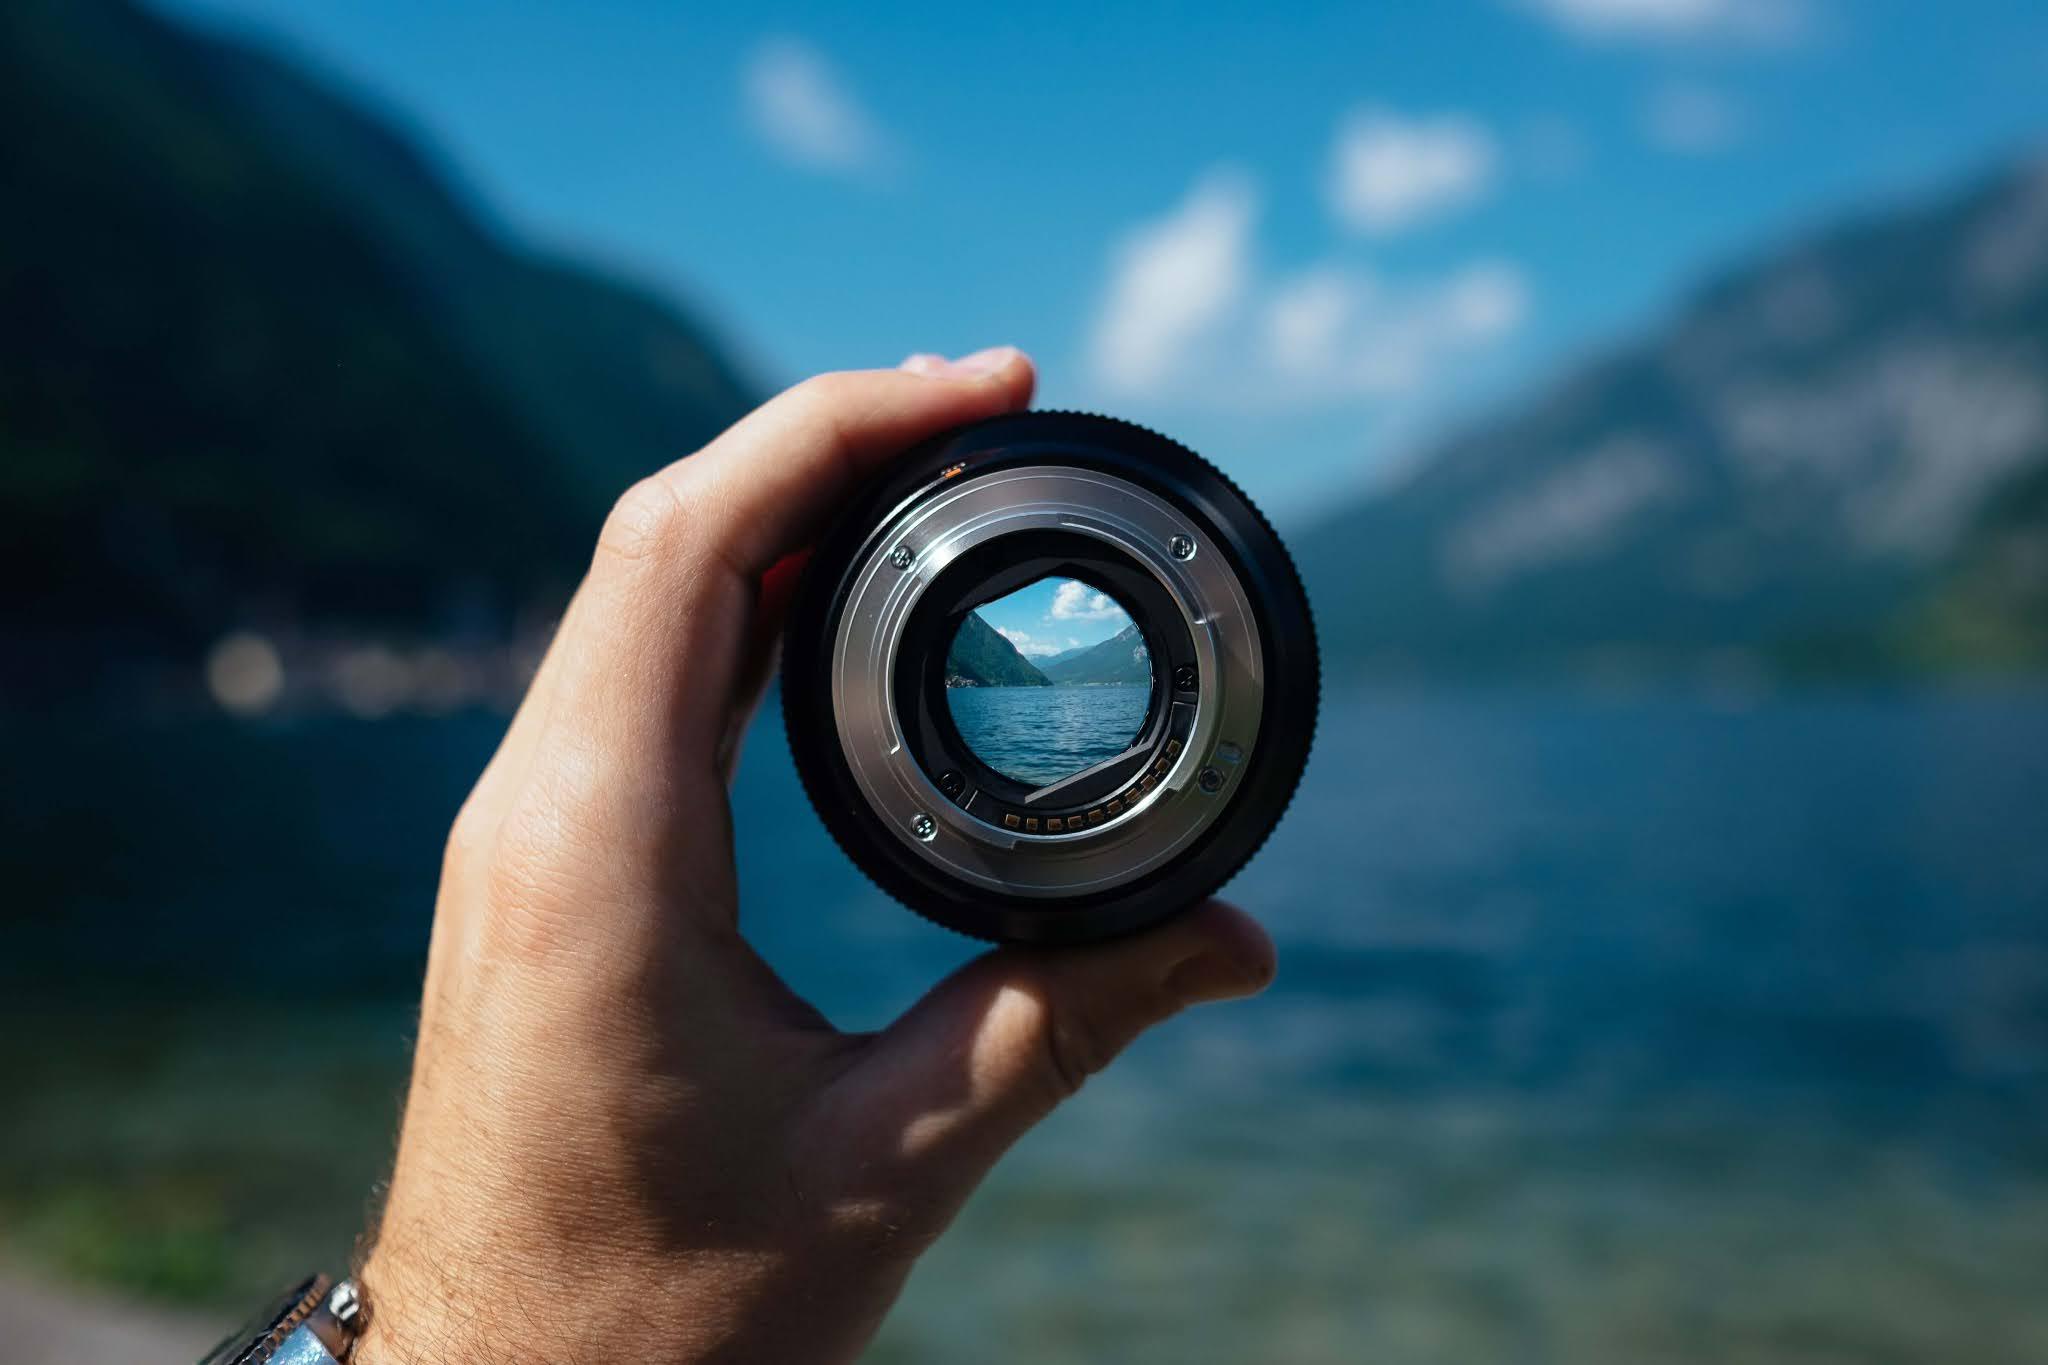 focus, reality, see, lense, prespective, ocean, life